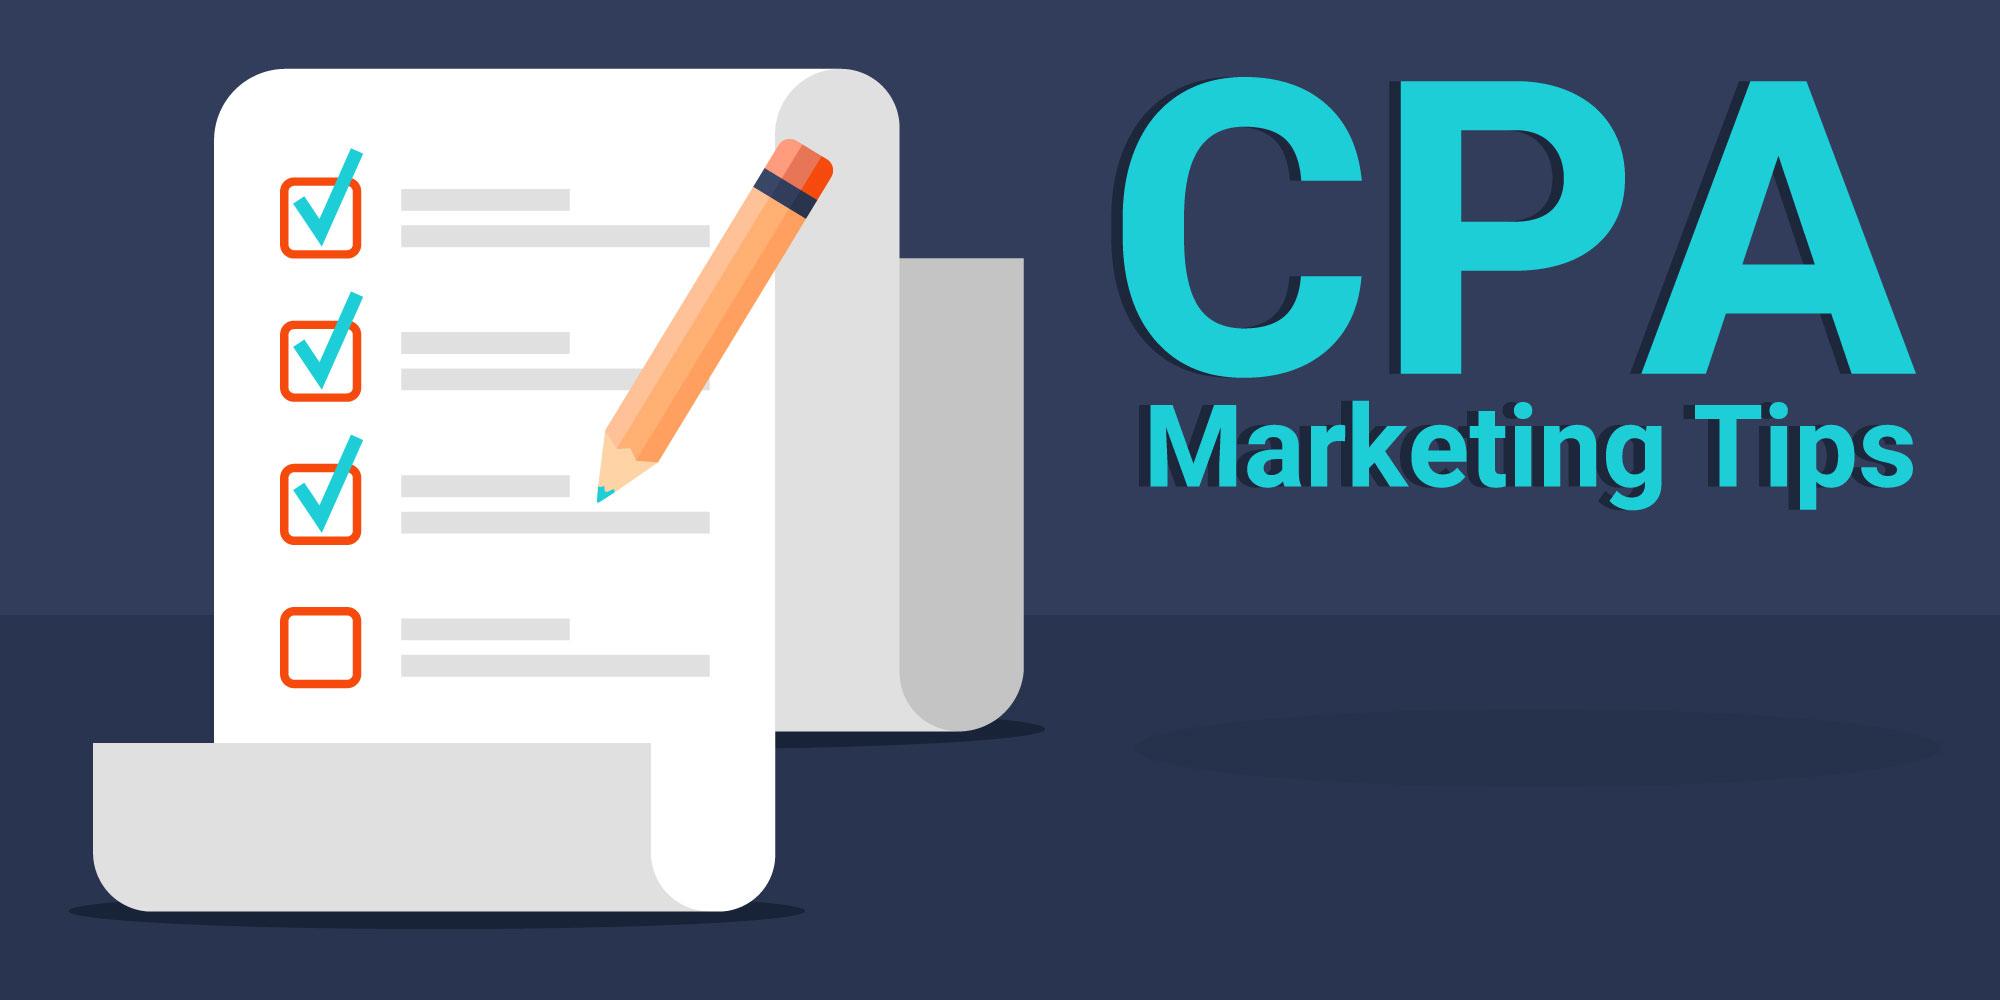 بهترین نکات بازاریابی CPA